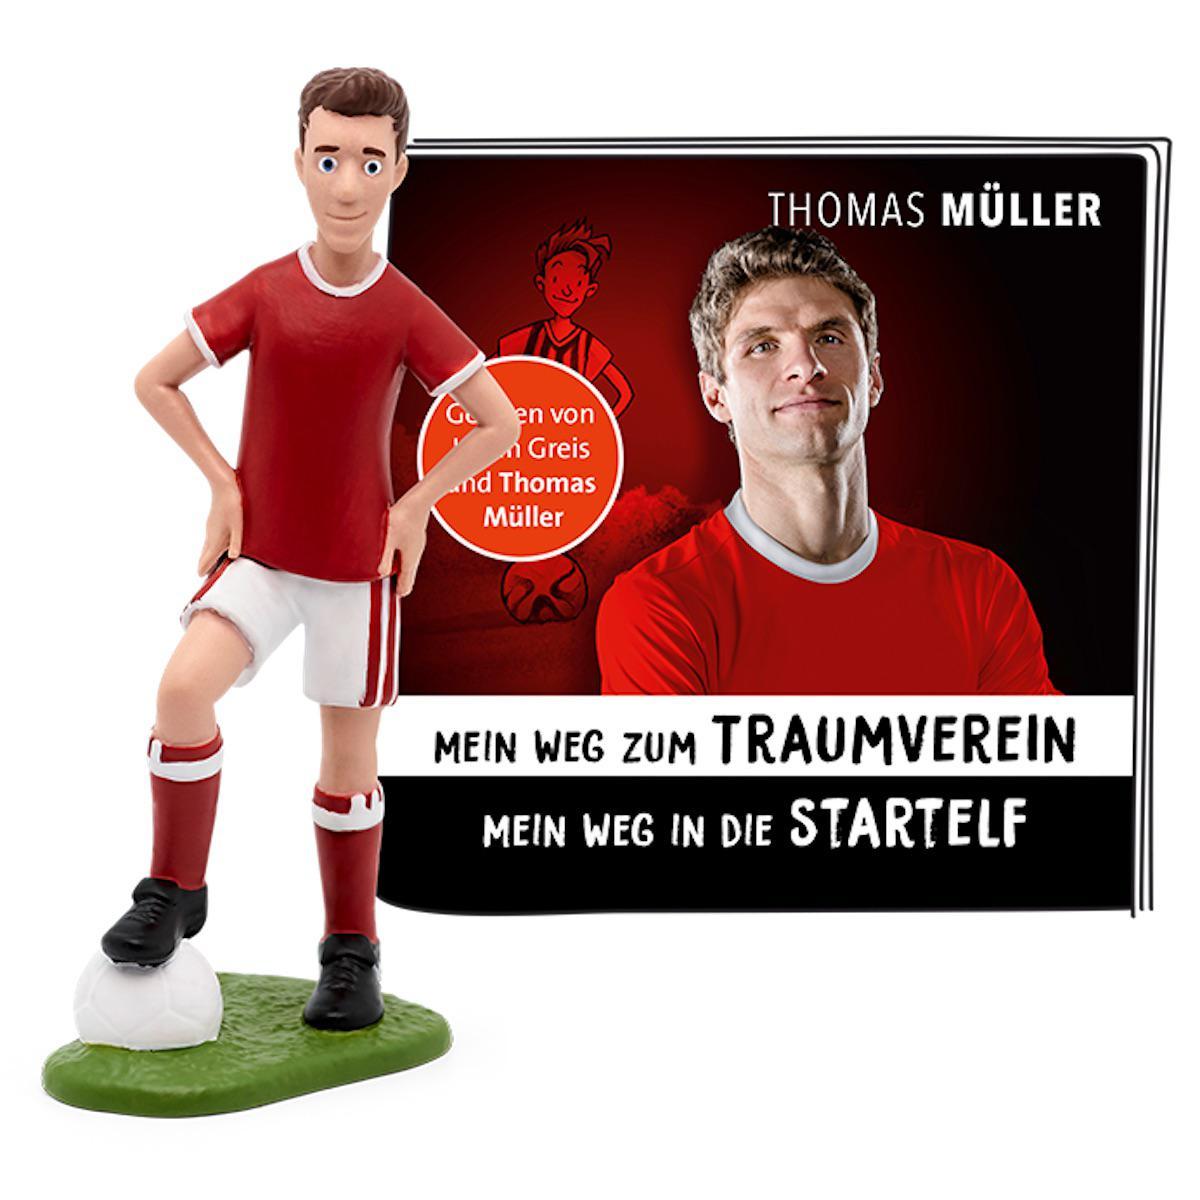 Hörspielfigur TONIES Thomas Müller Mein Weg zum Traumverein